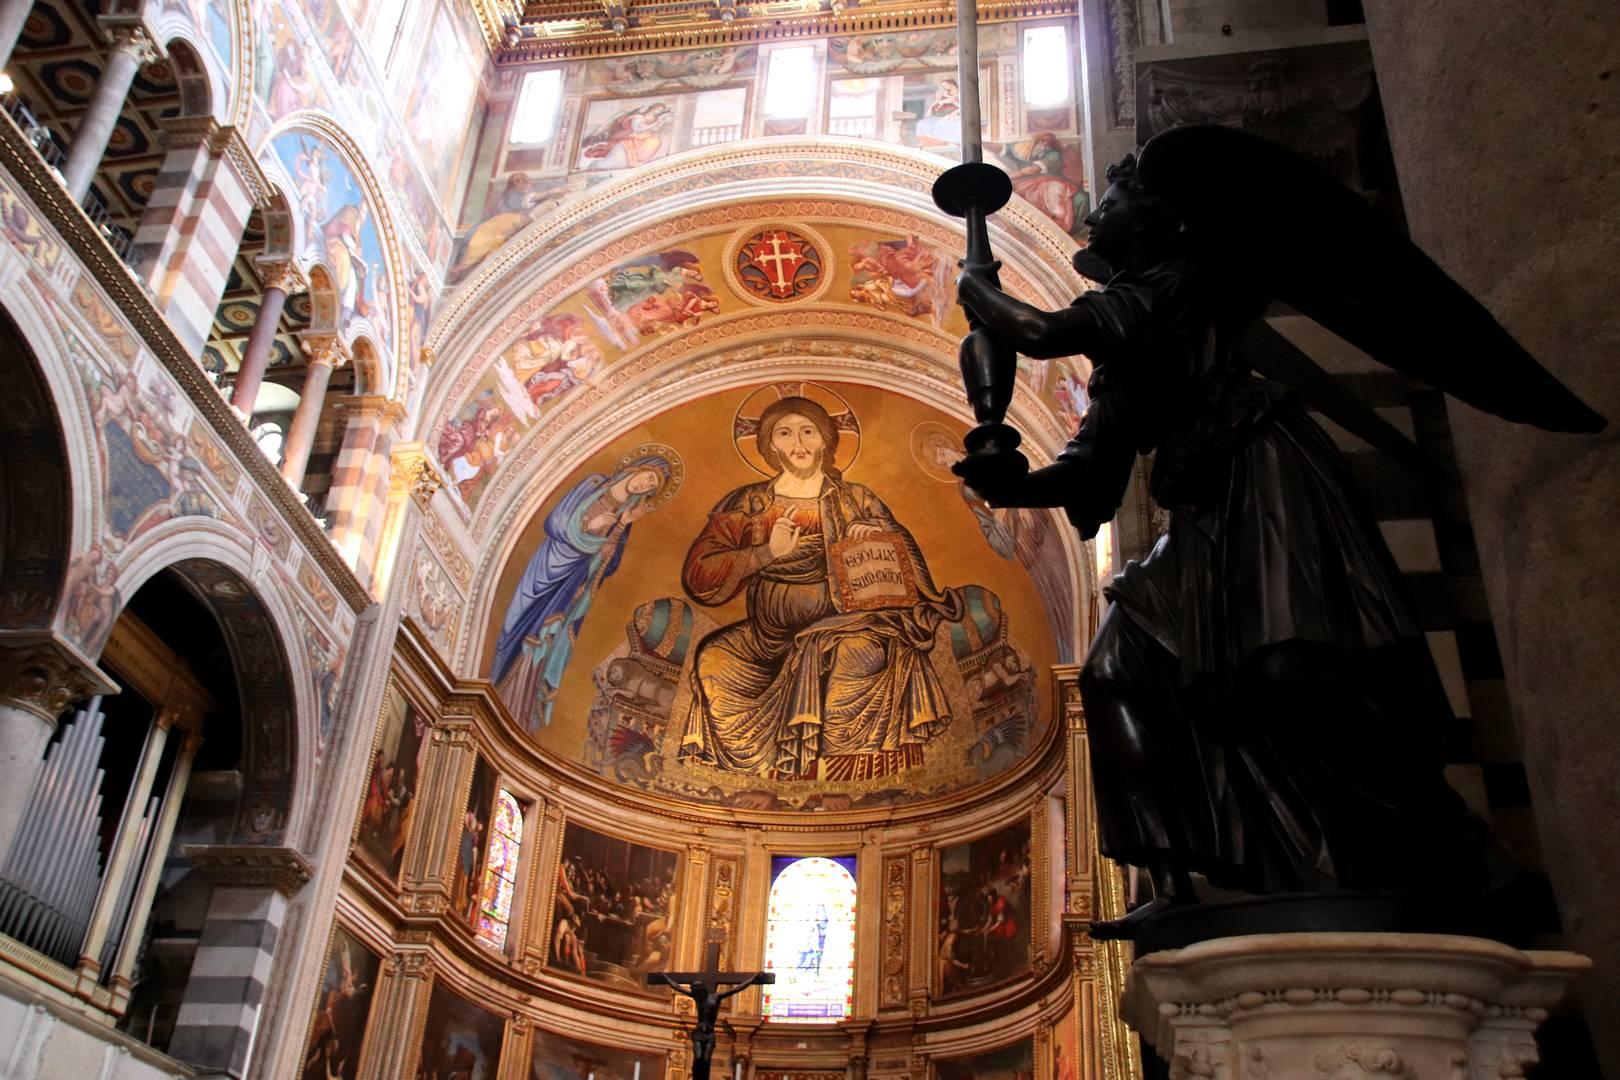 Italie - Intérieur de la cathédrale de Pise